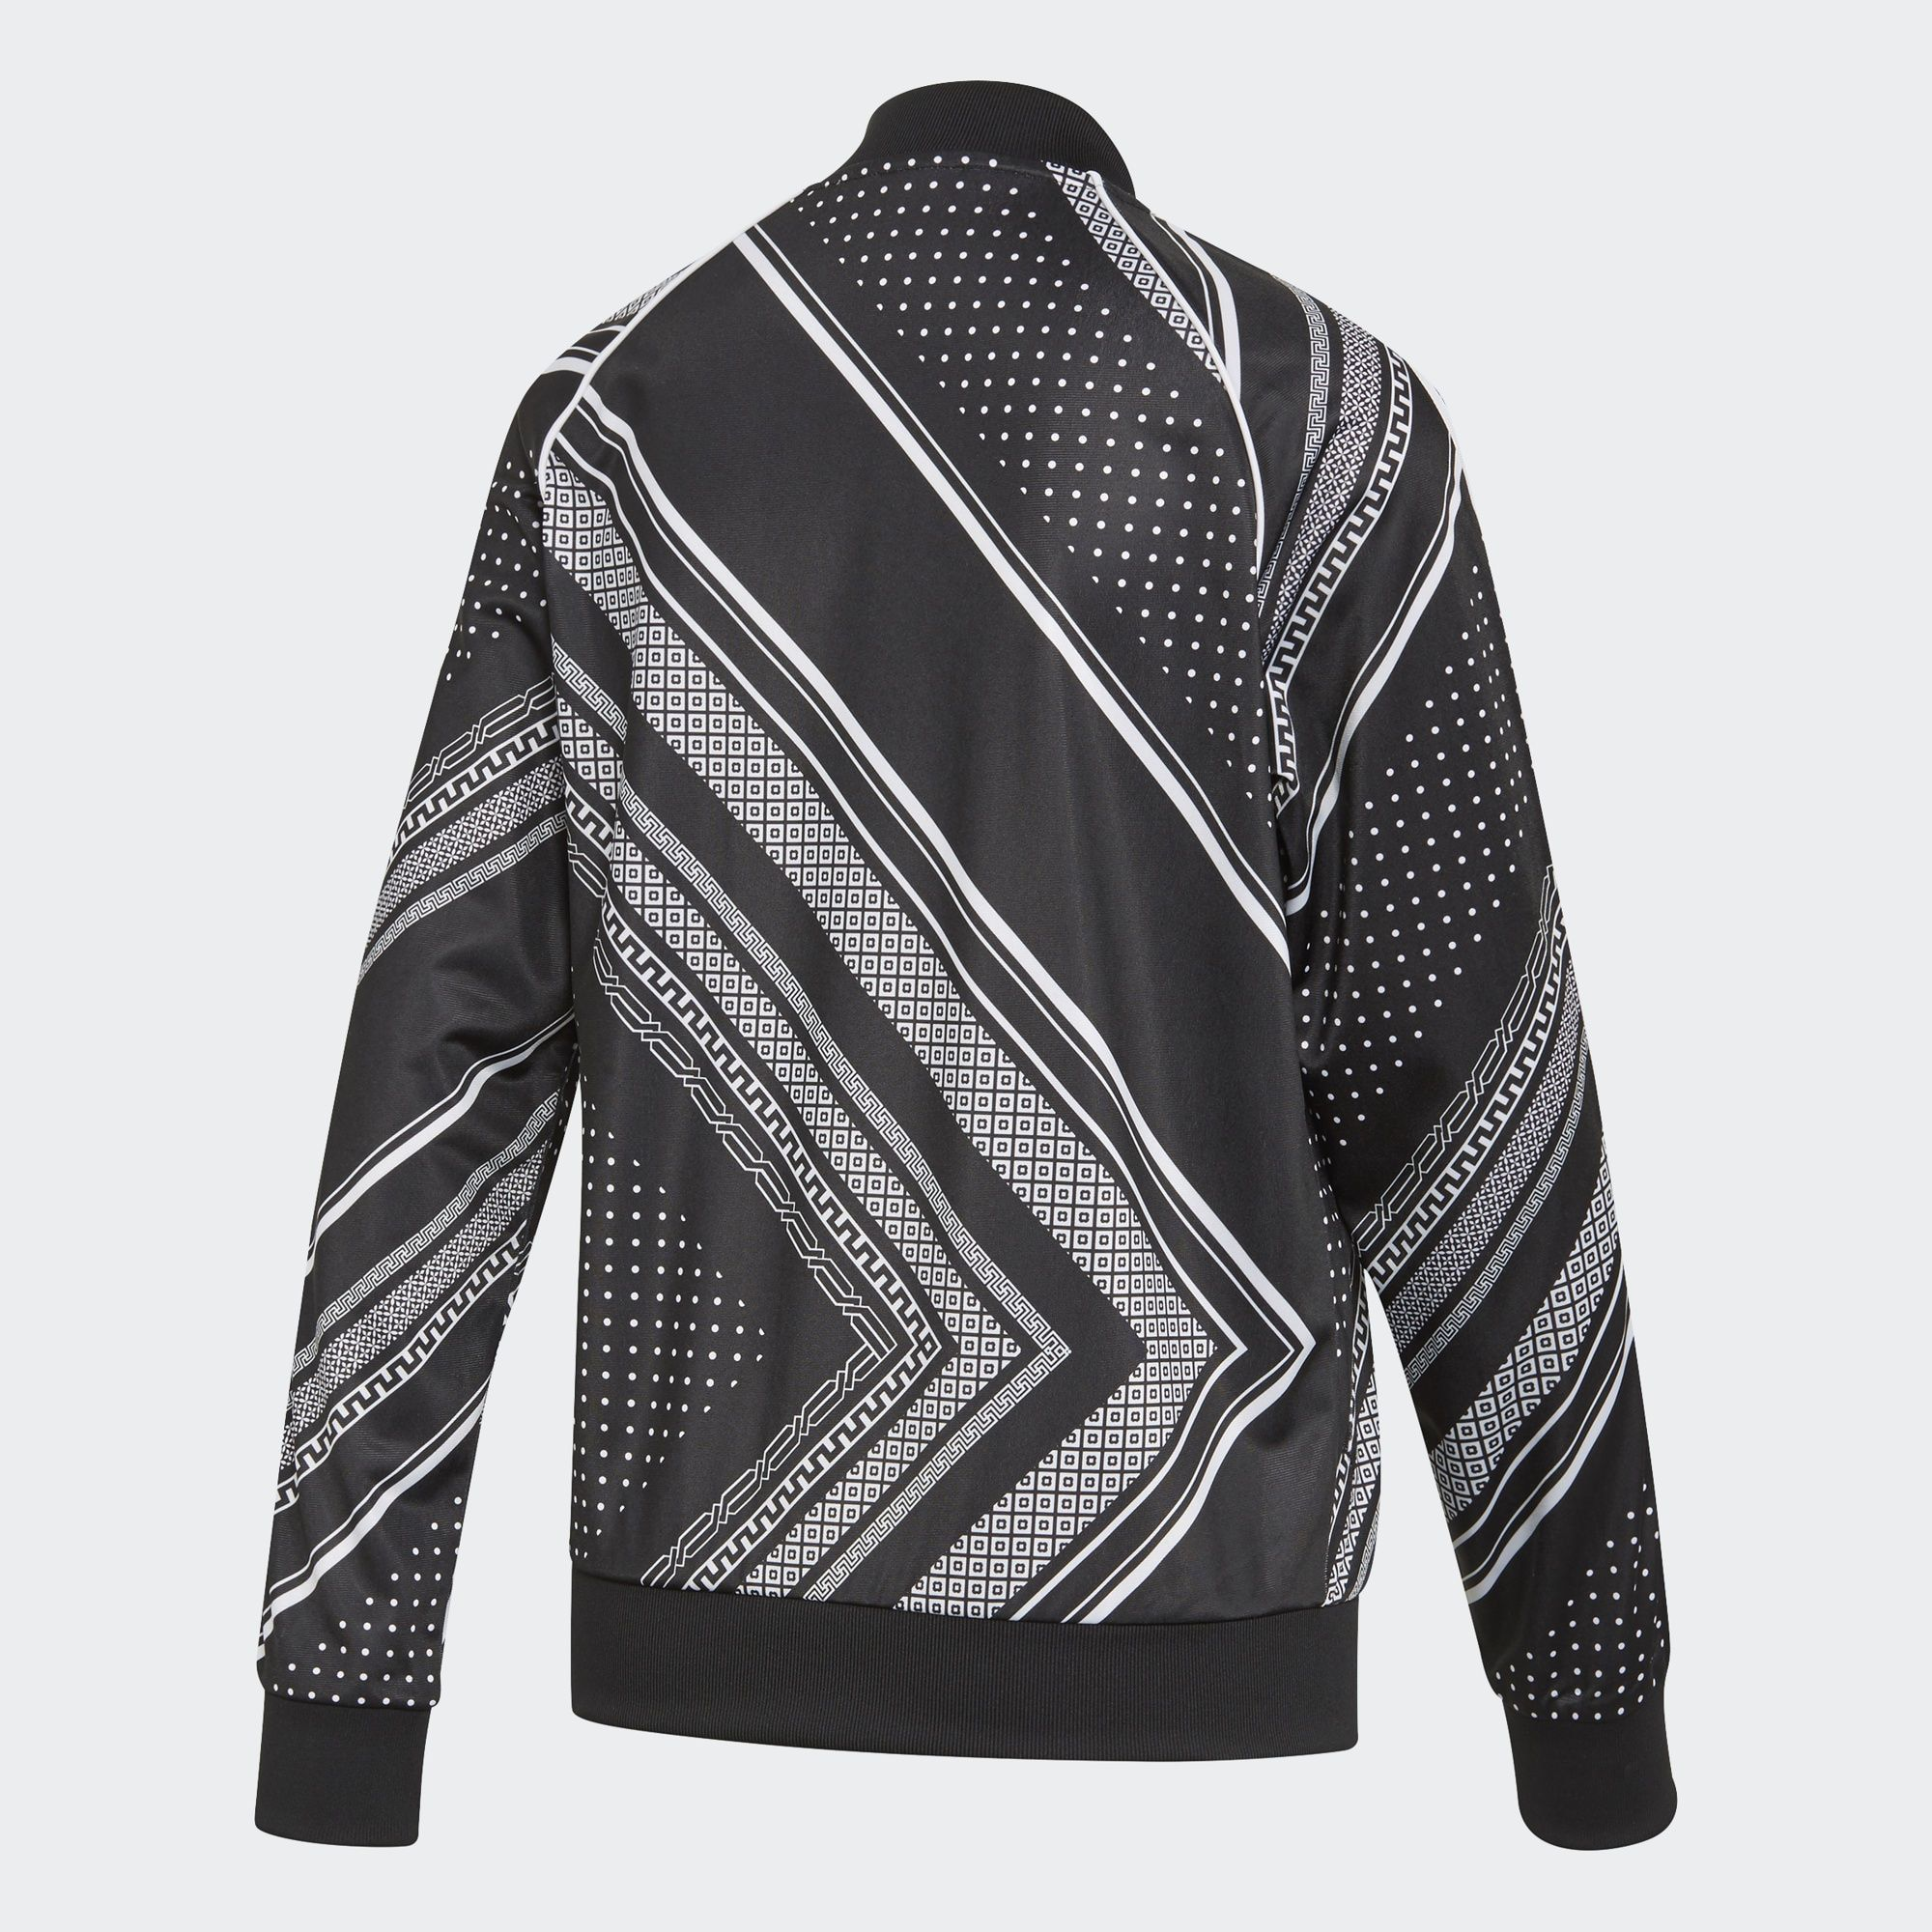 Adidas Originals Jacke Damen Schwarz Weiss Grosse Xxs Adidas Originals Jacke Jacken Damen Jacken